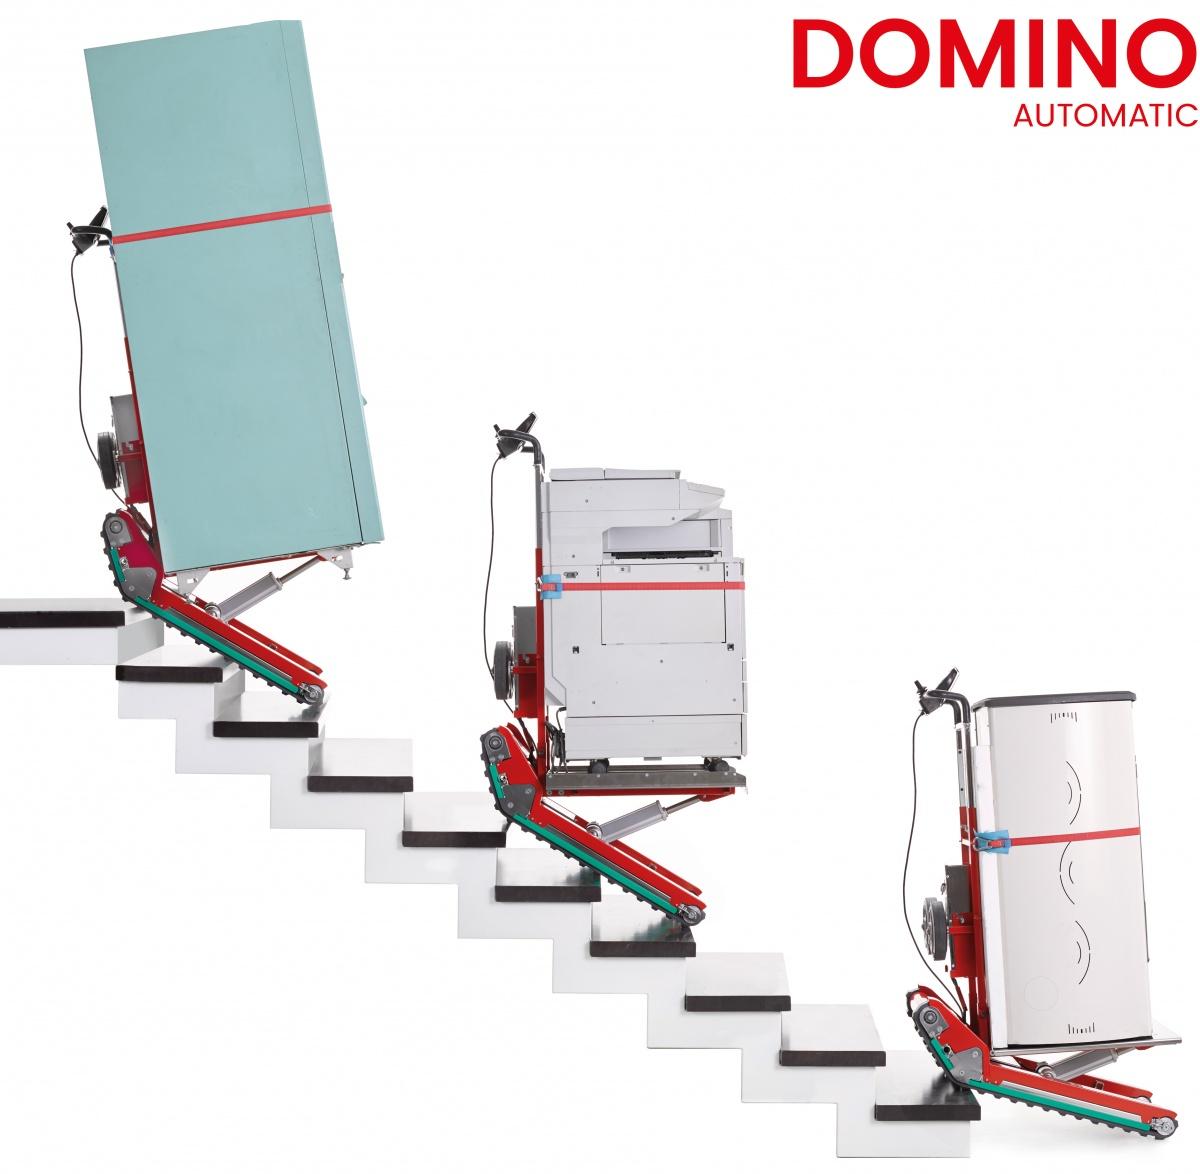 monte escalier domino